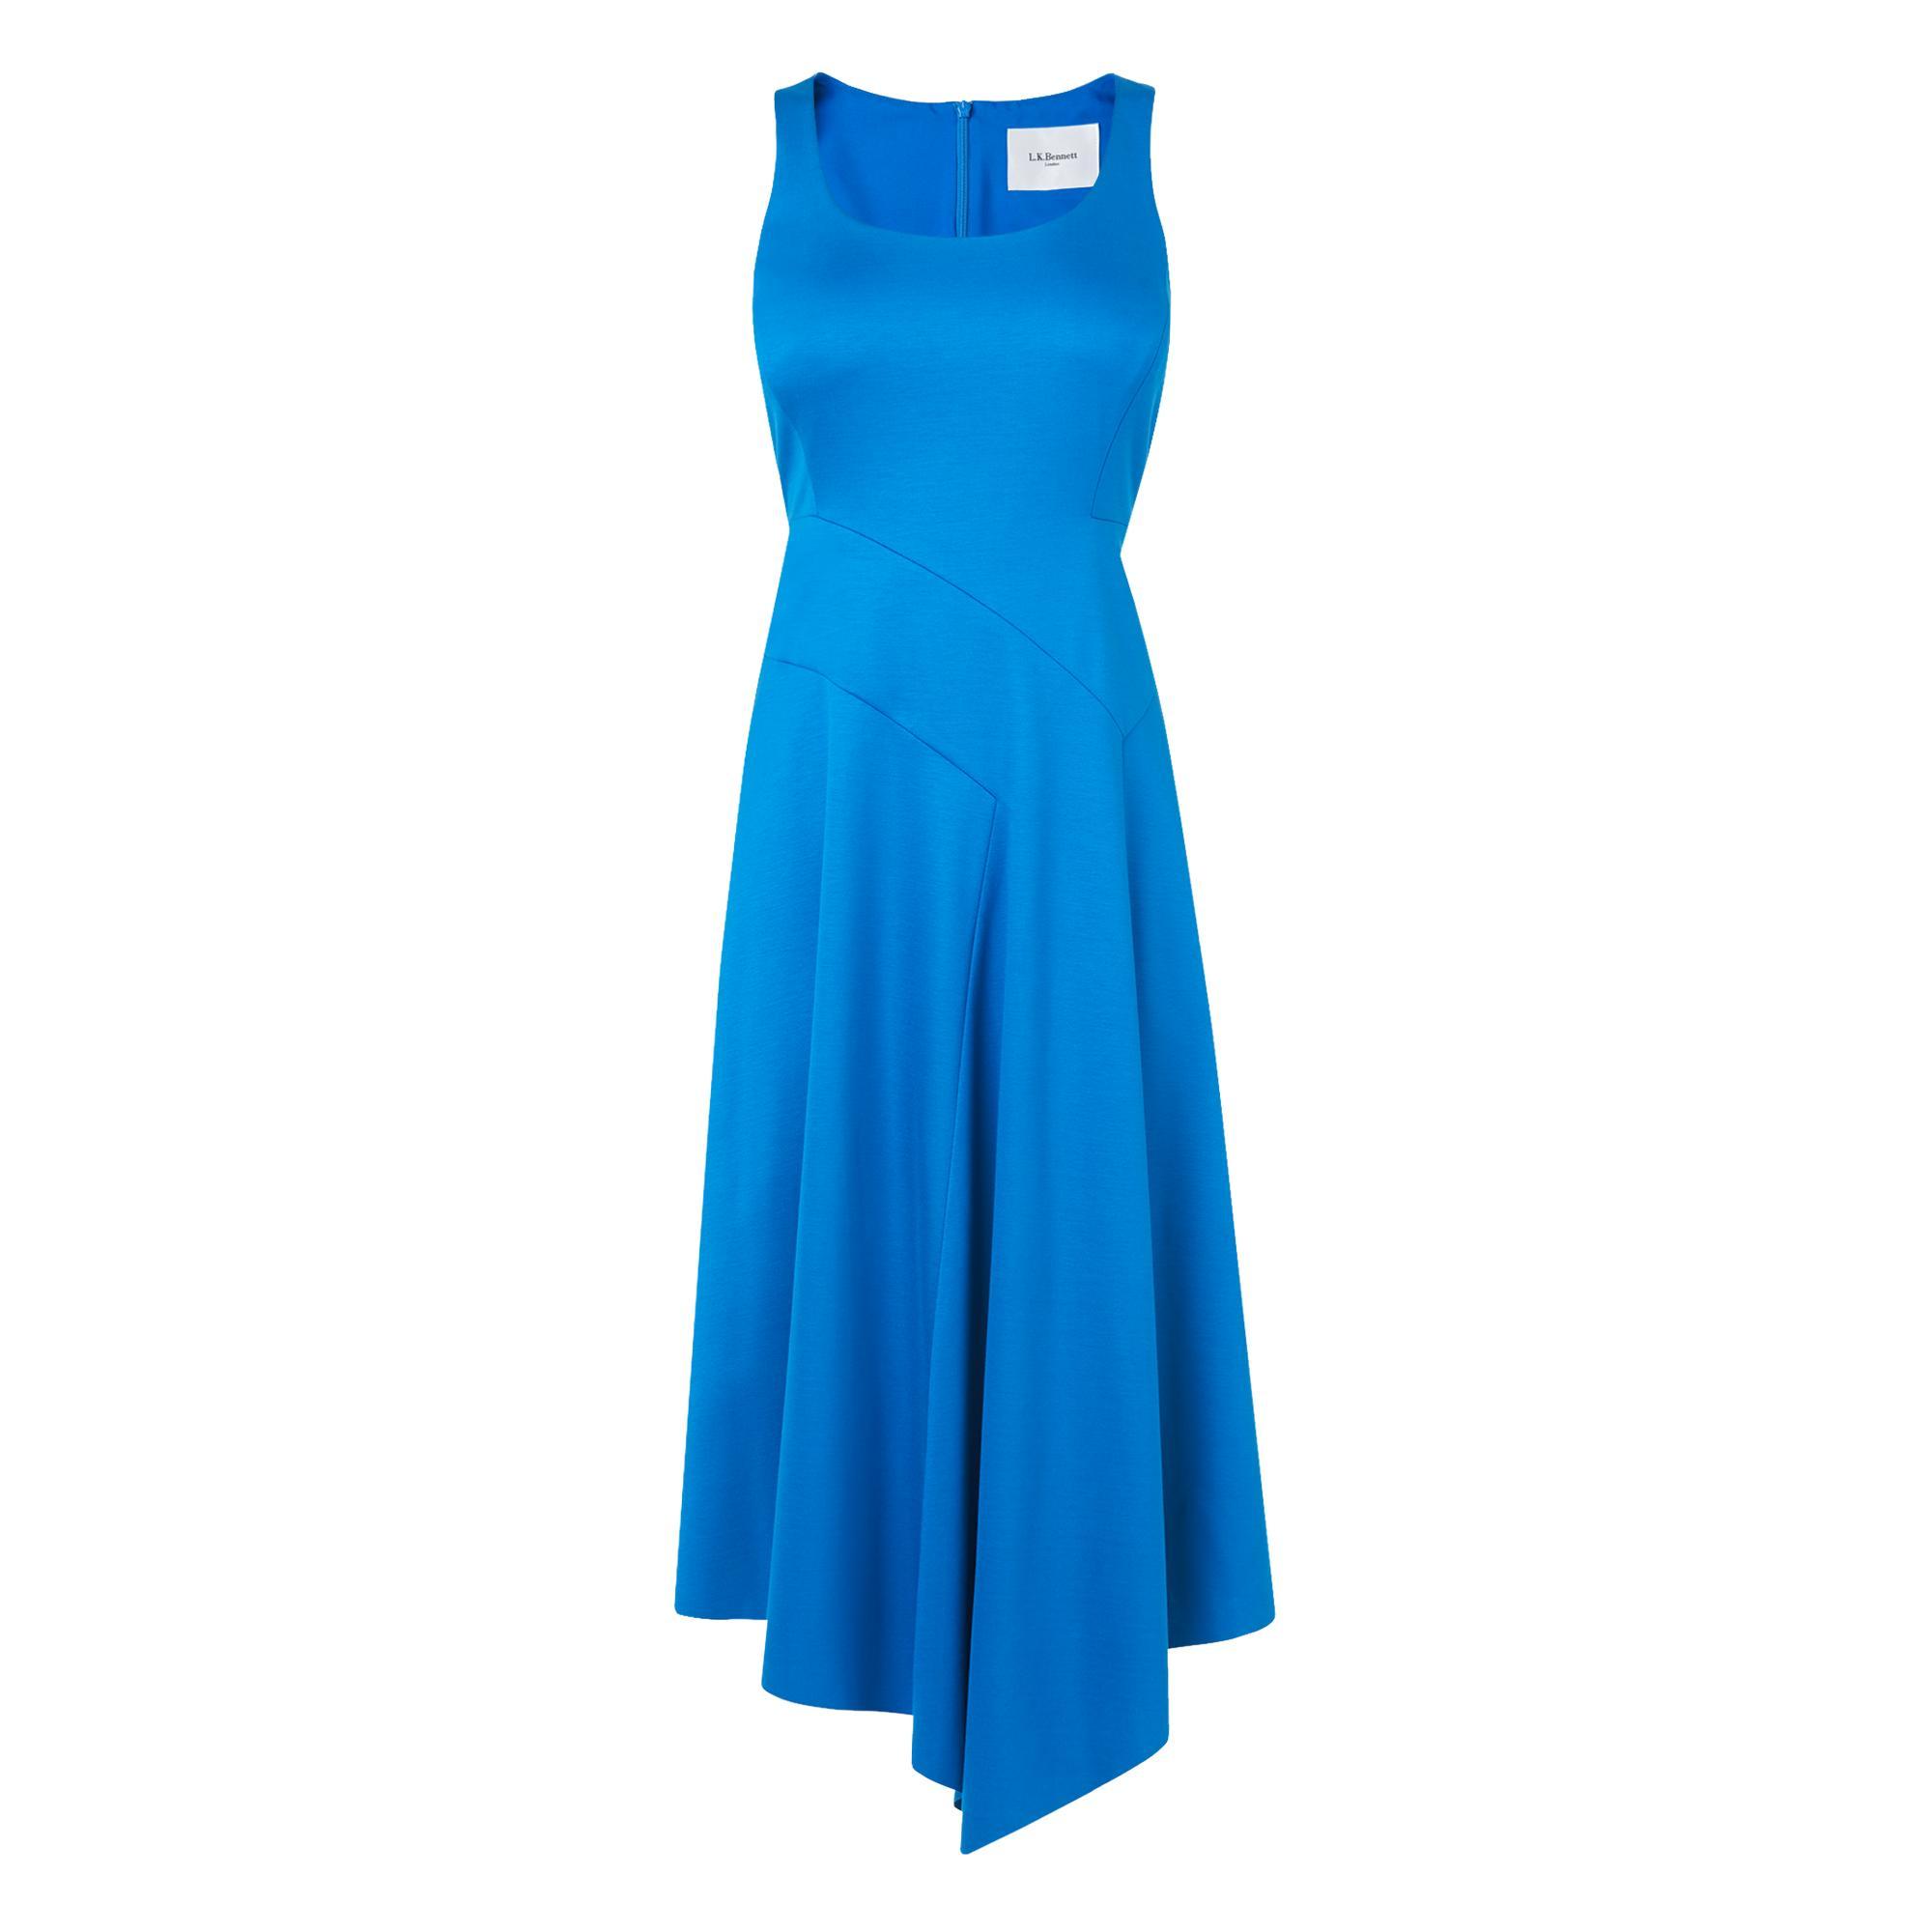 L.K.Bennett Livi Jersey Dress